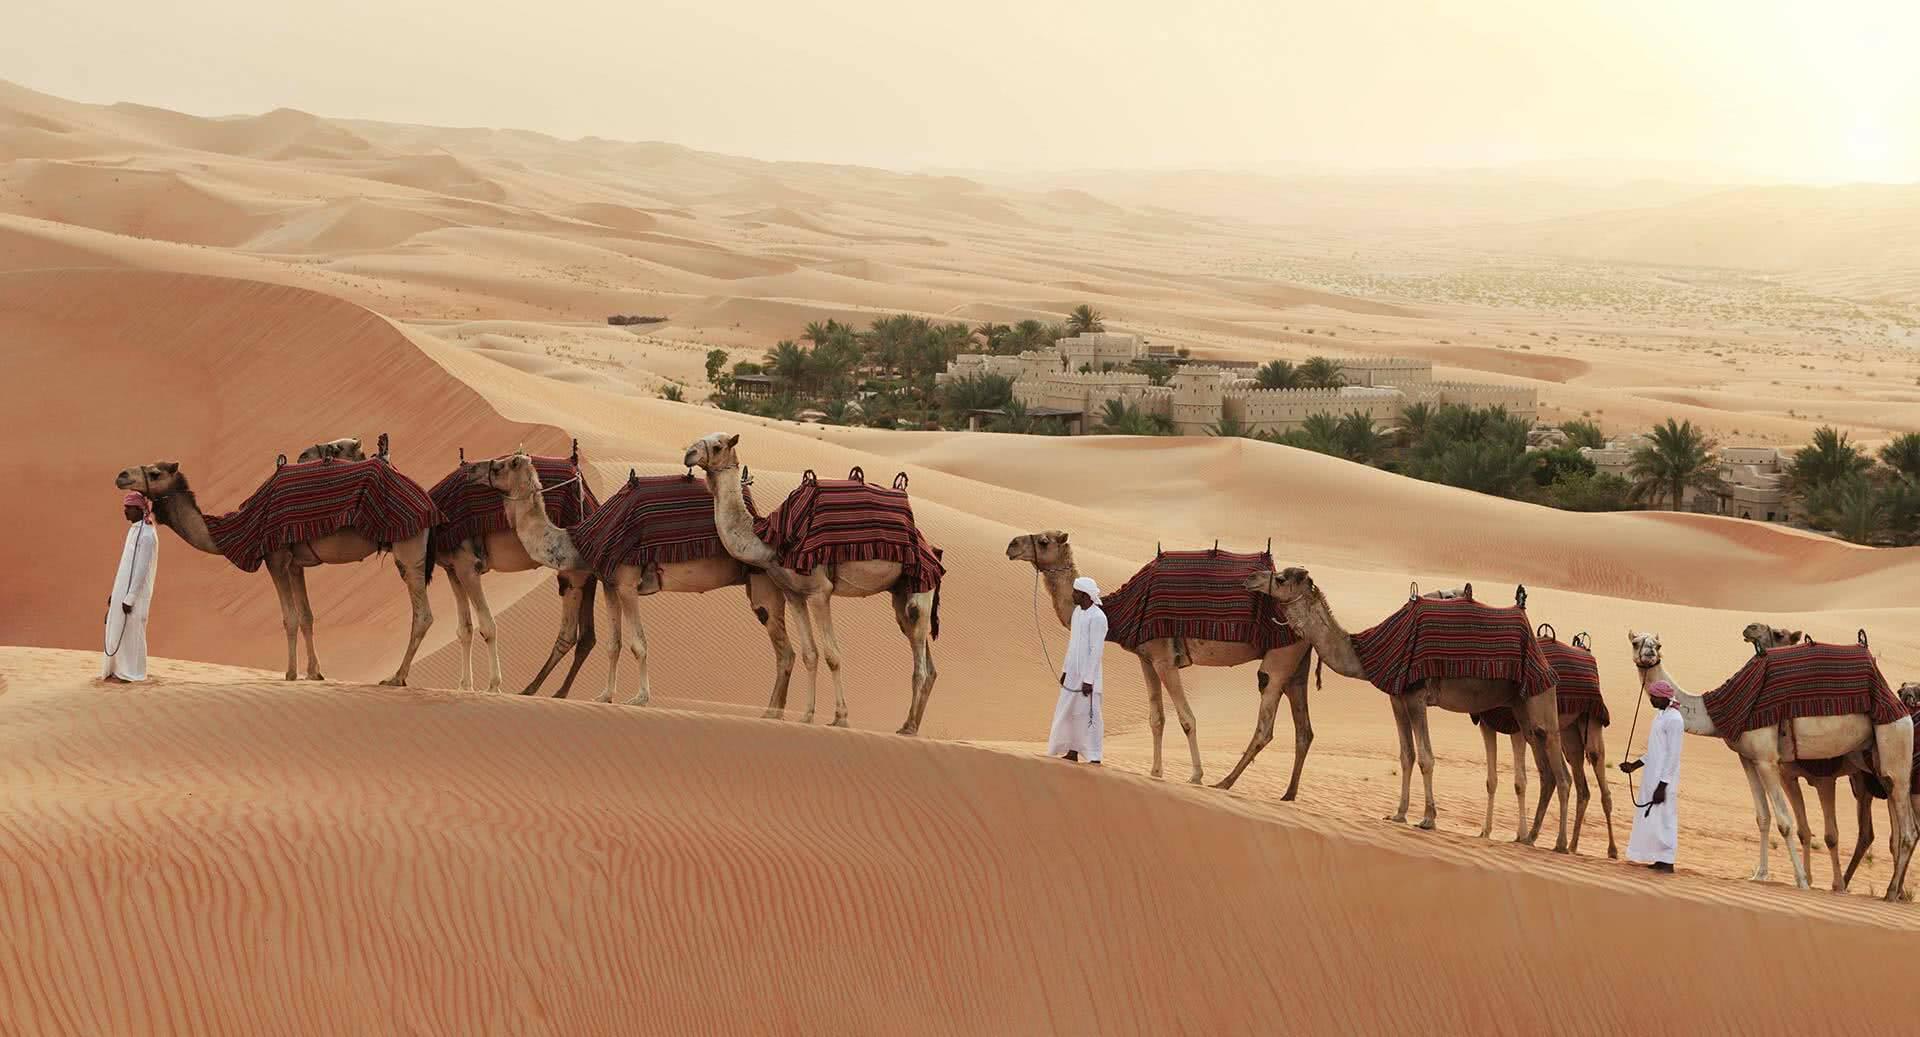 Abu Dhabi Anantara Qasr al Sarab Desert